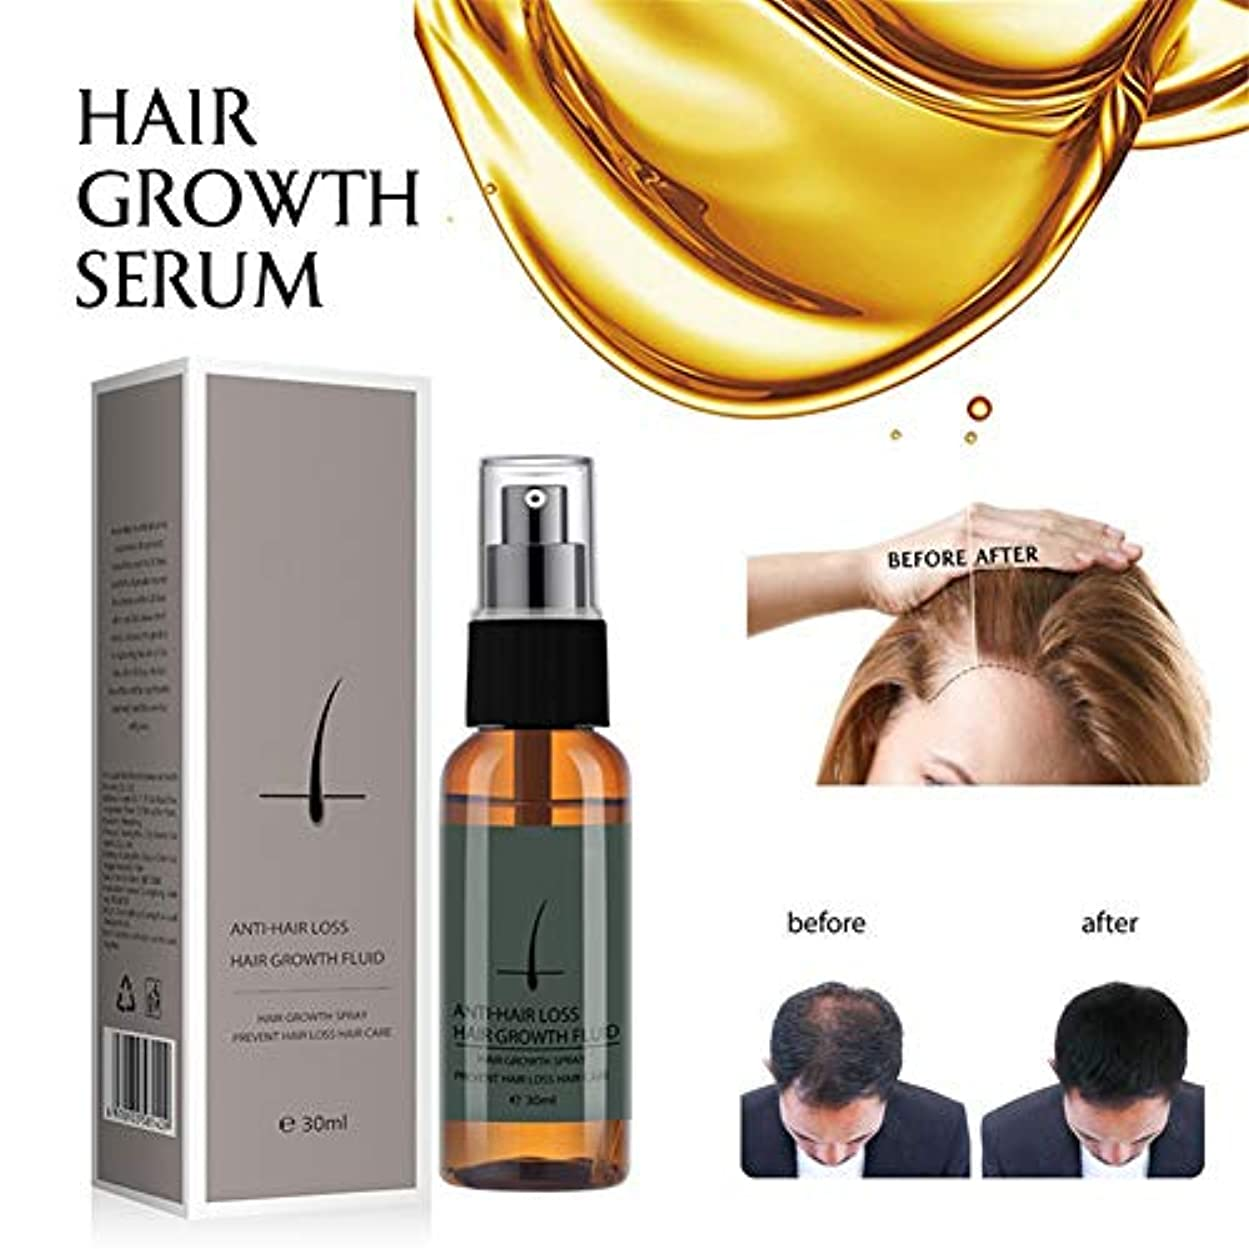 逆憲法ワイプハーブの毛の成長の反毛損失の液体は厚く速い毛の成長の処置30ml精油のヘルスケアの美の本質を促進します